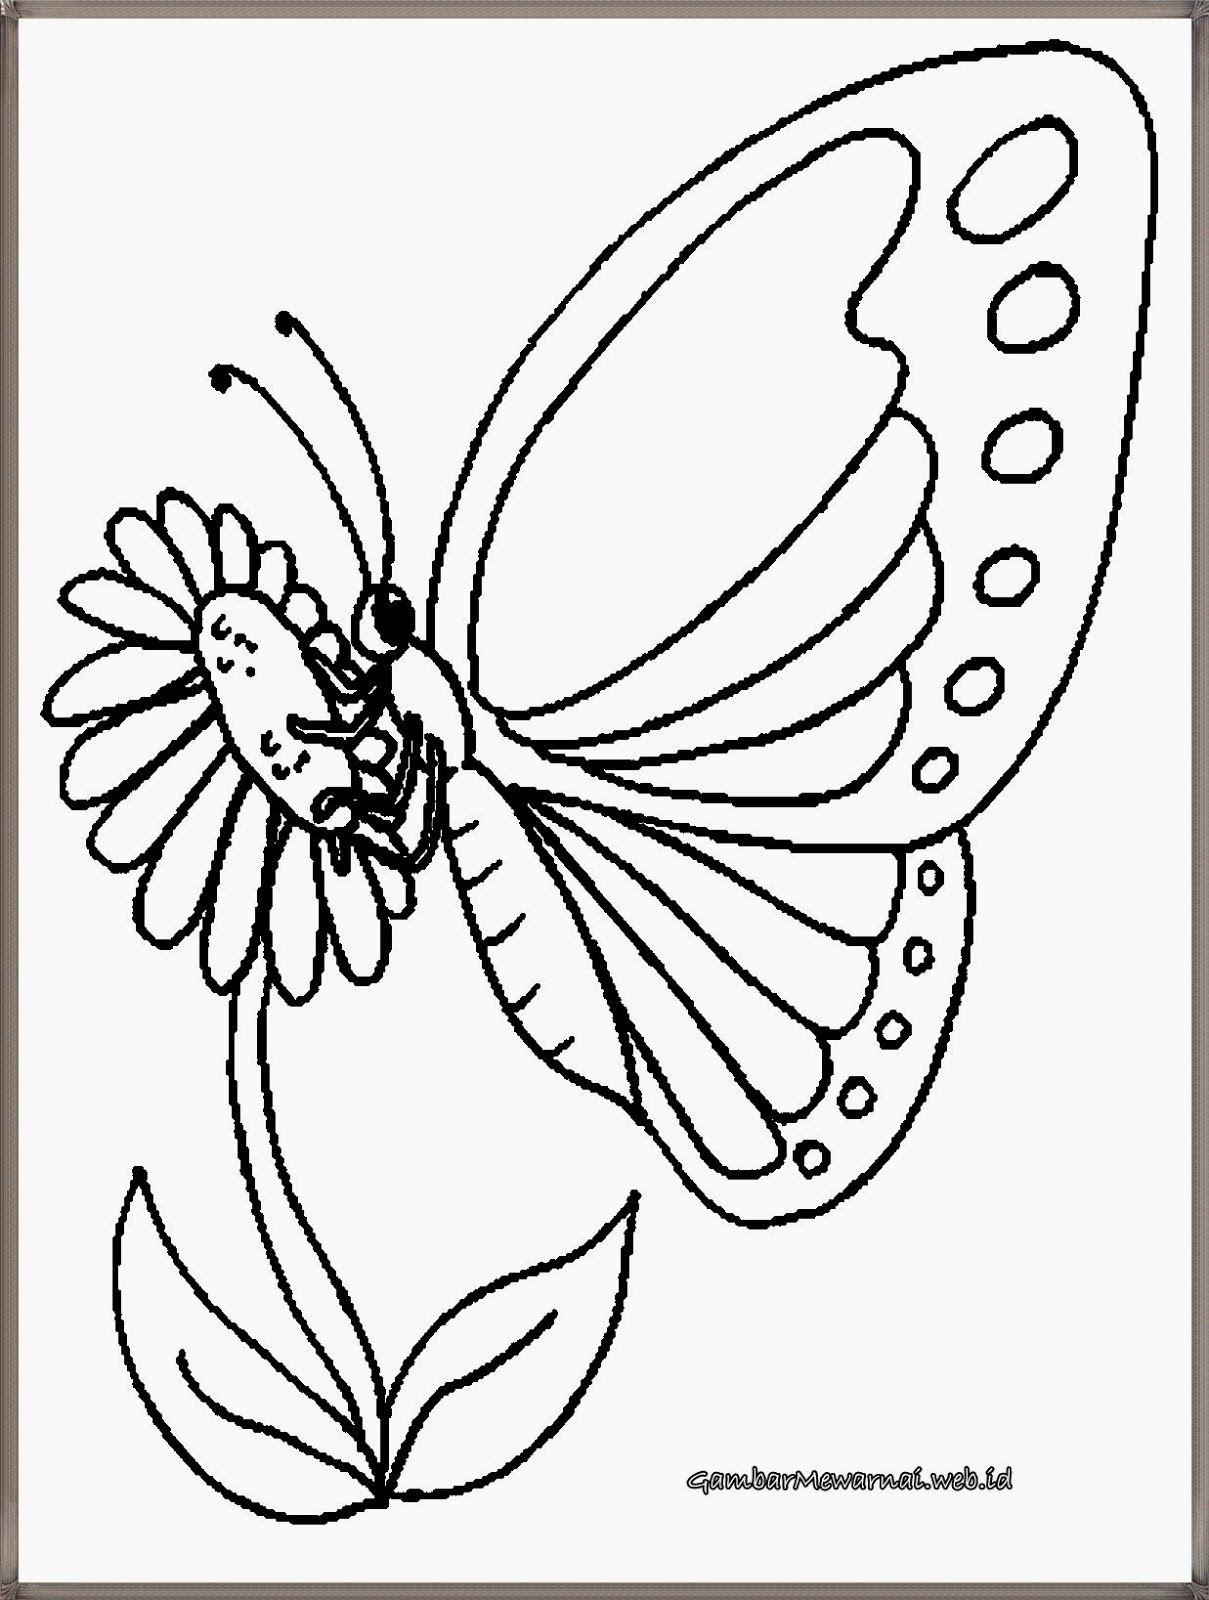 Kumpulan Contoh Sketsa Gambar Kupu Kupu Dan Bunga